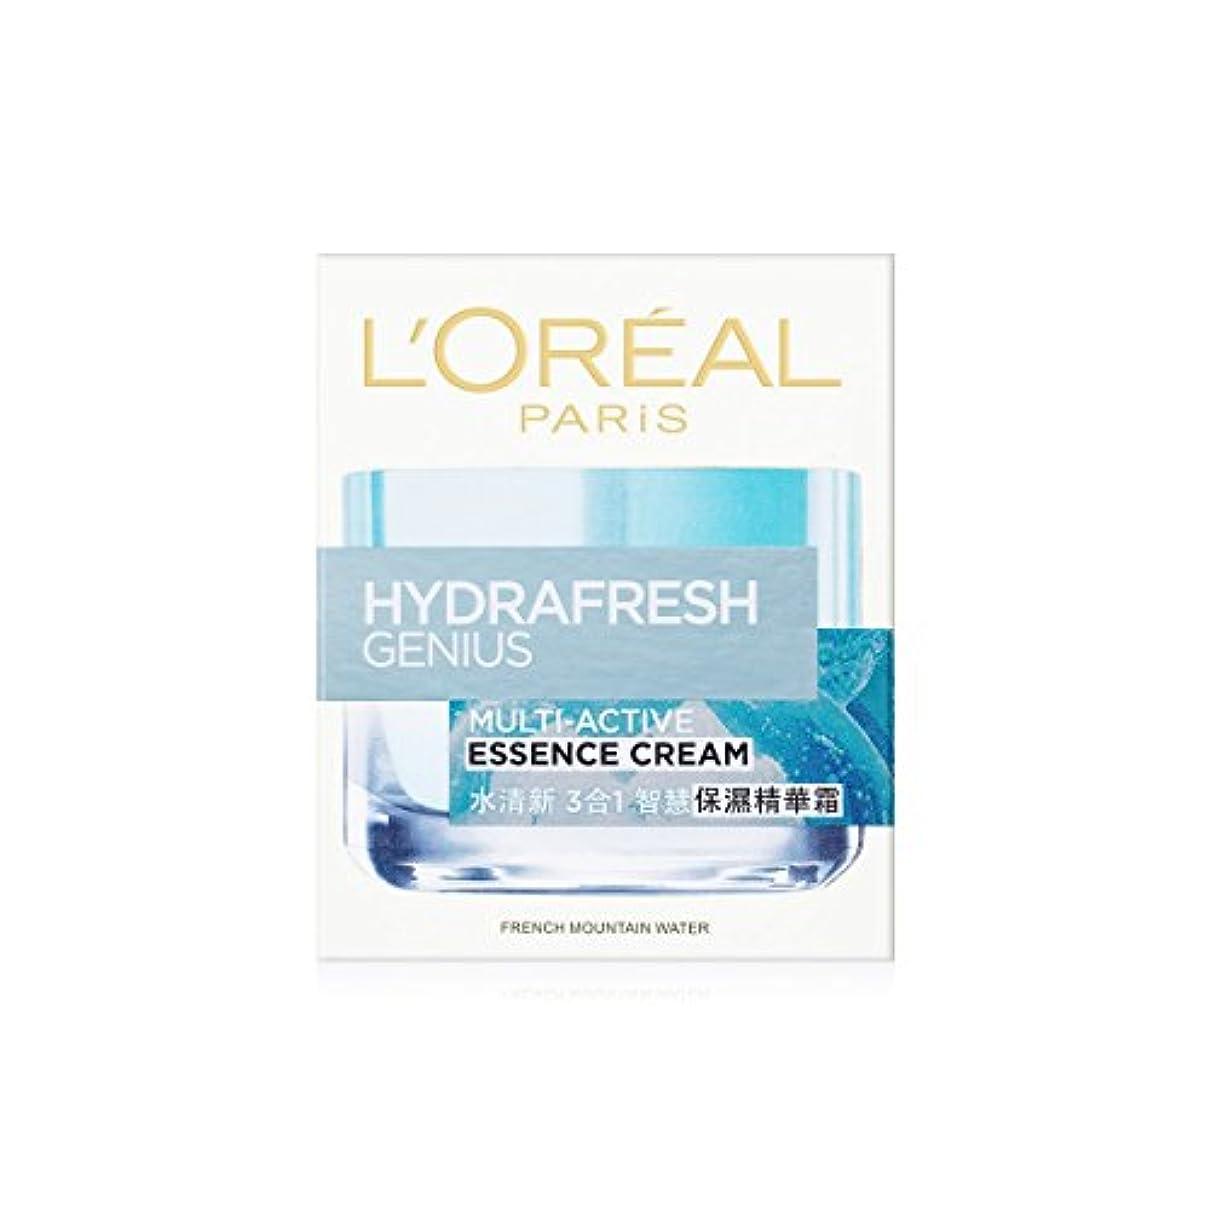 あいまいさ魅力的であることへのアピールストローロレアル Hydrafresh Genius Multi-Active Essence Cream 50ml/1.7oz並行輸入品